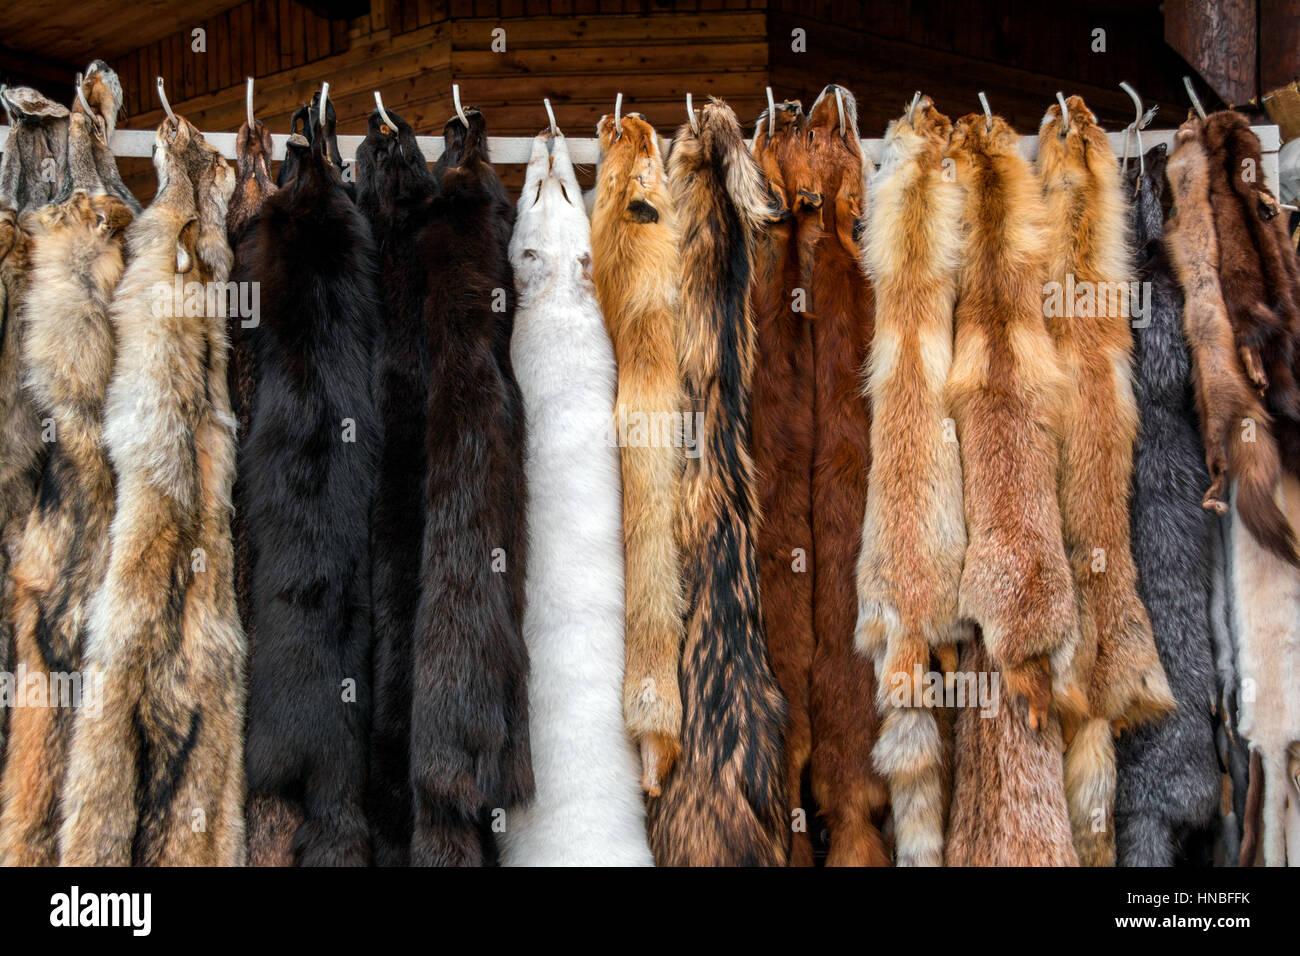 Pelze zu verkaufen, blendet gegerbte Stockbild